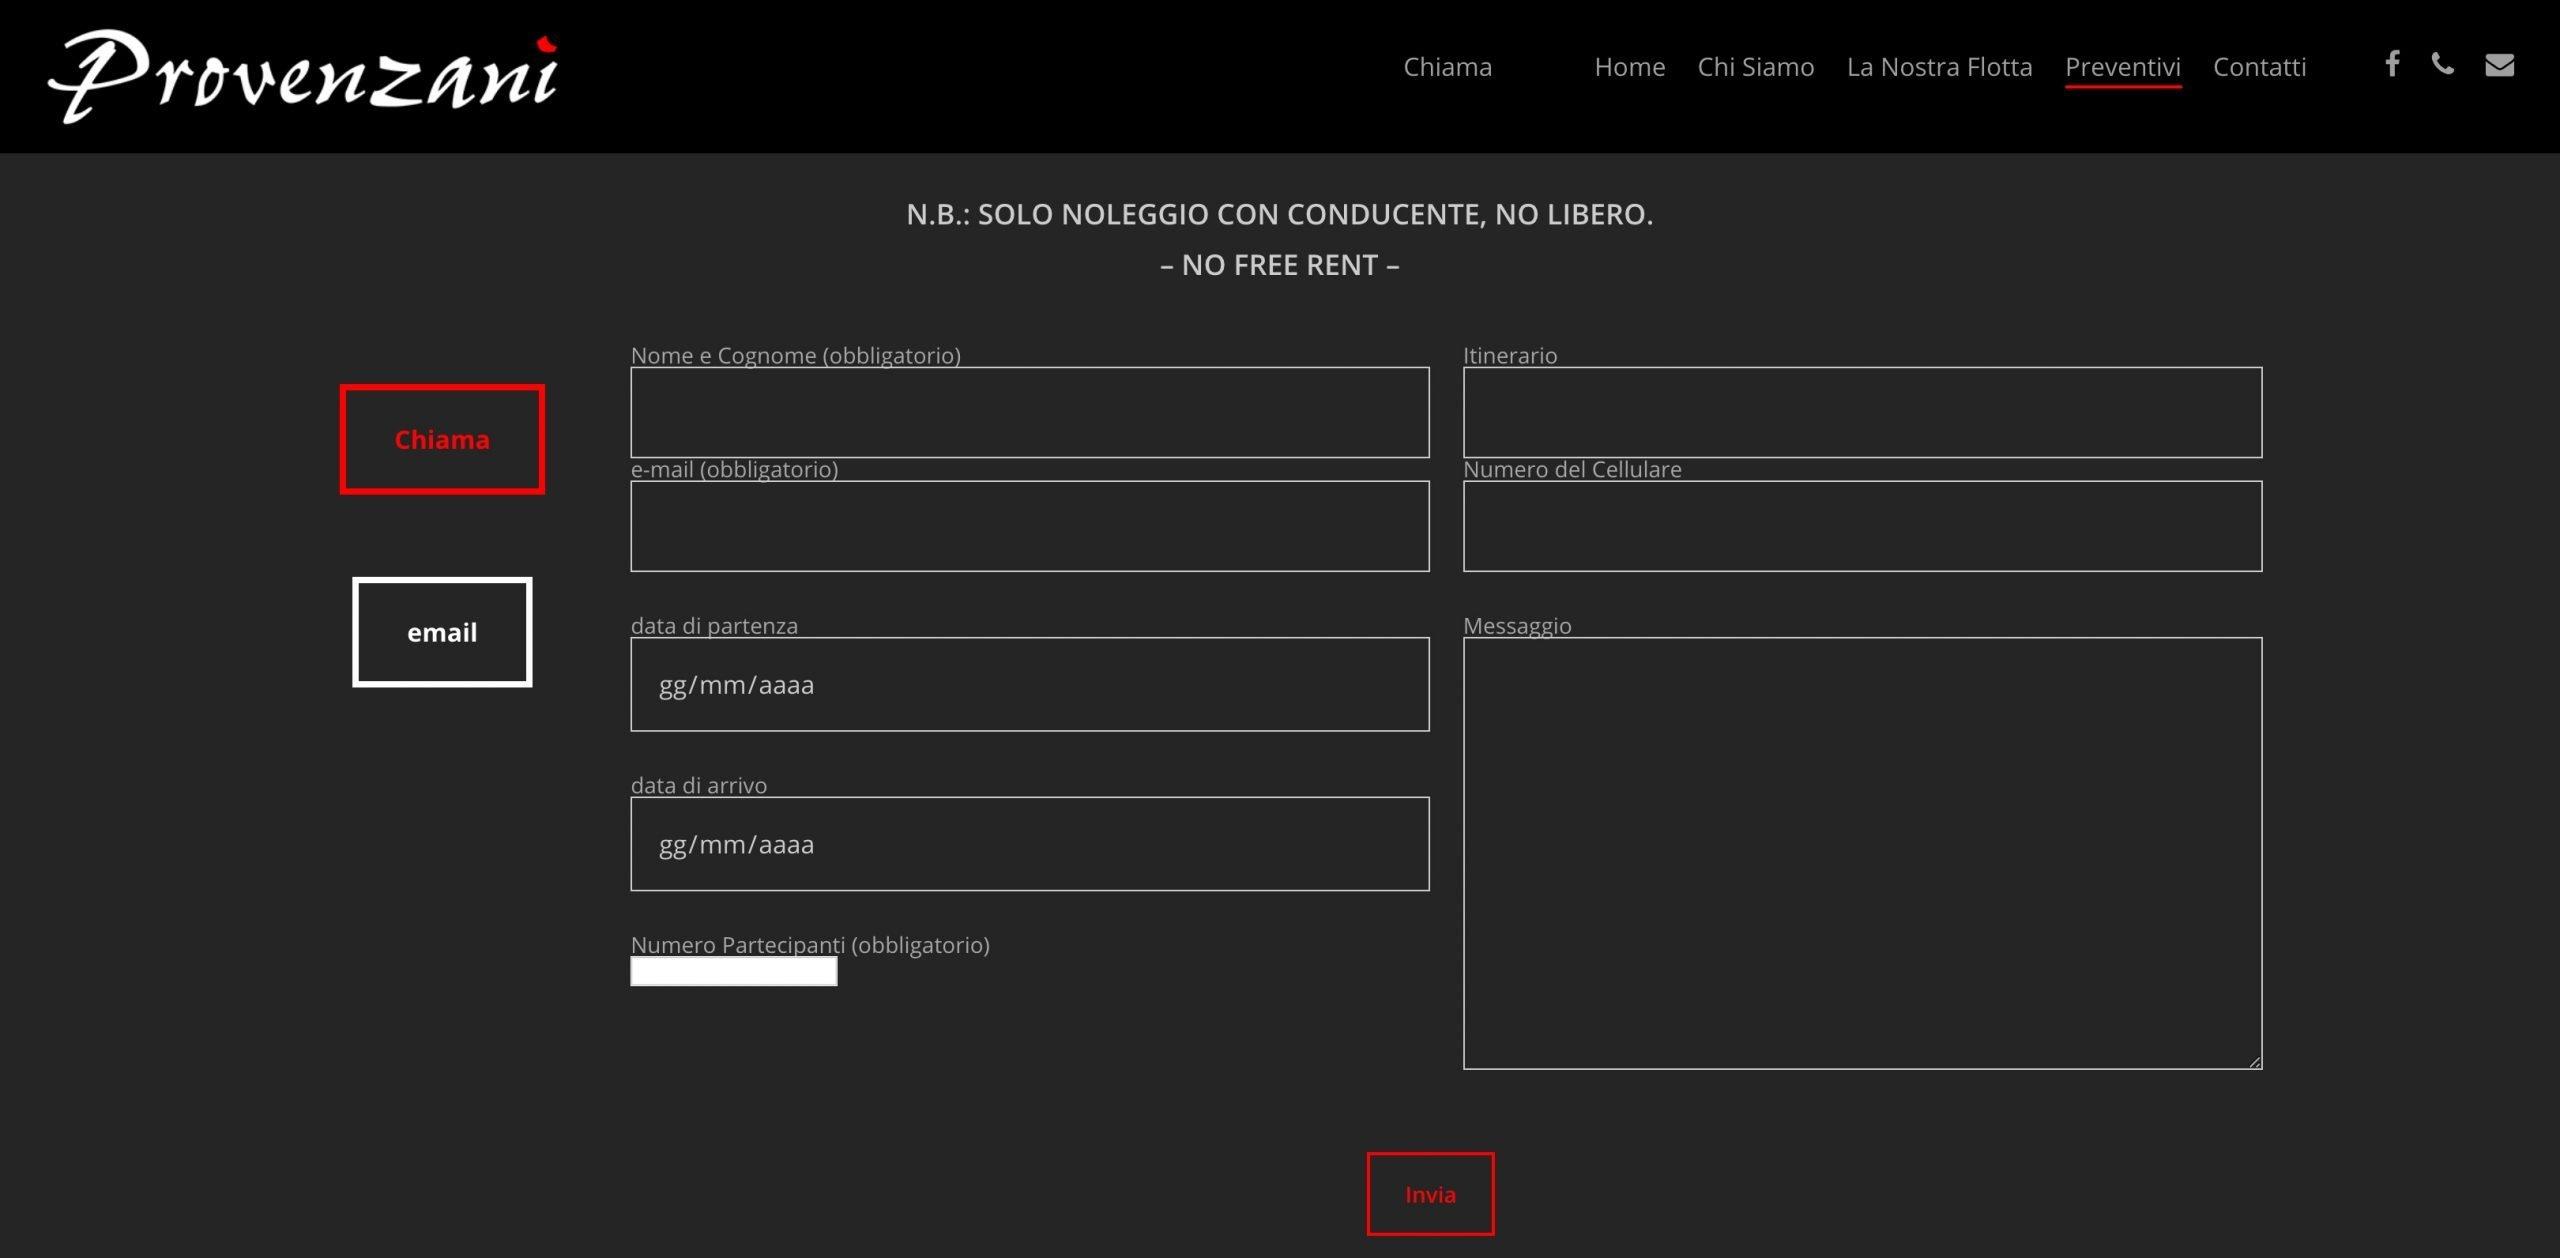 UpYourBrand - Restyling Sito Web - Provenzani - Peventivi